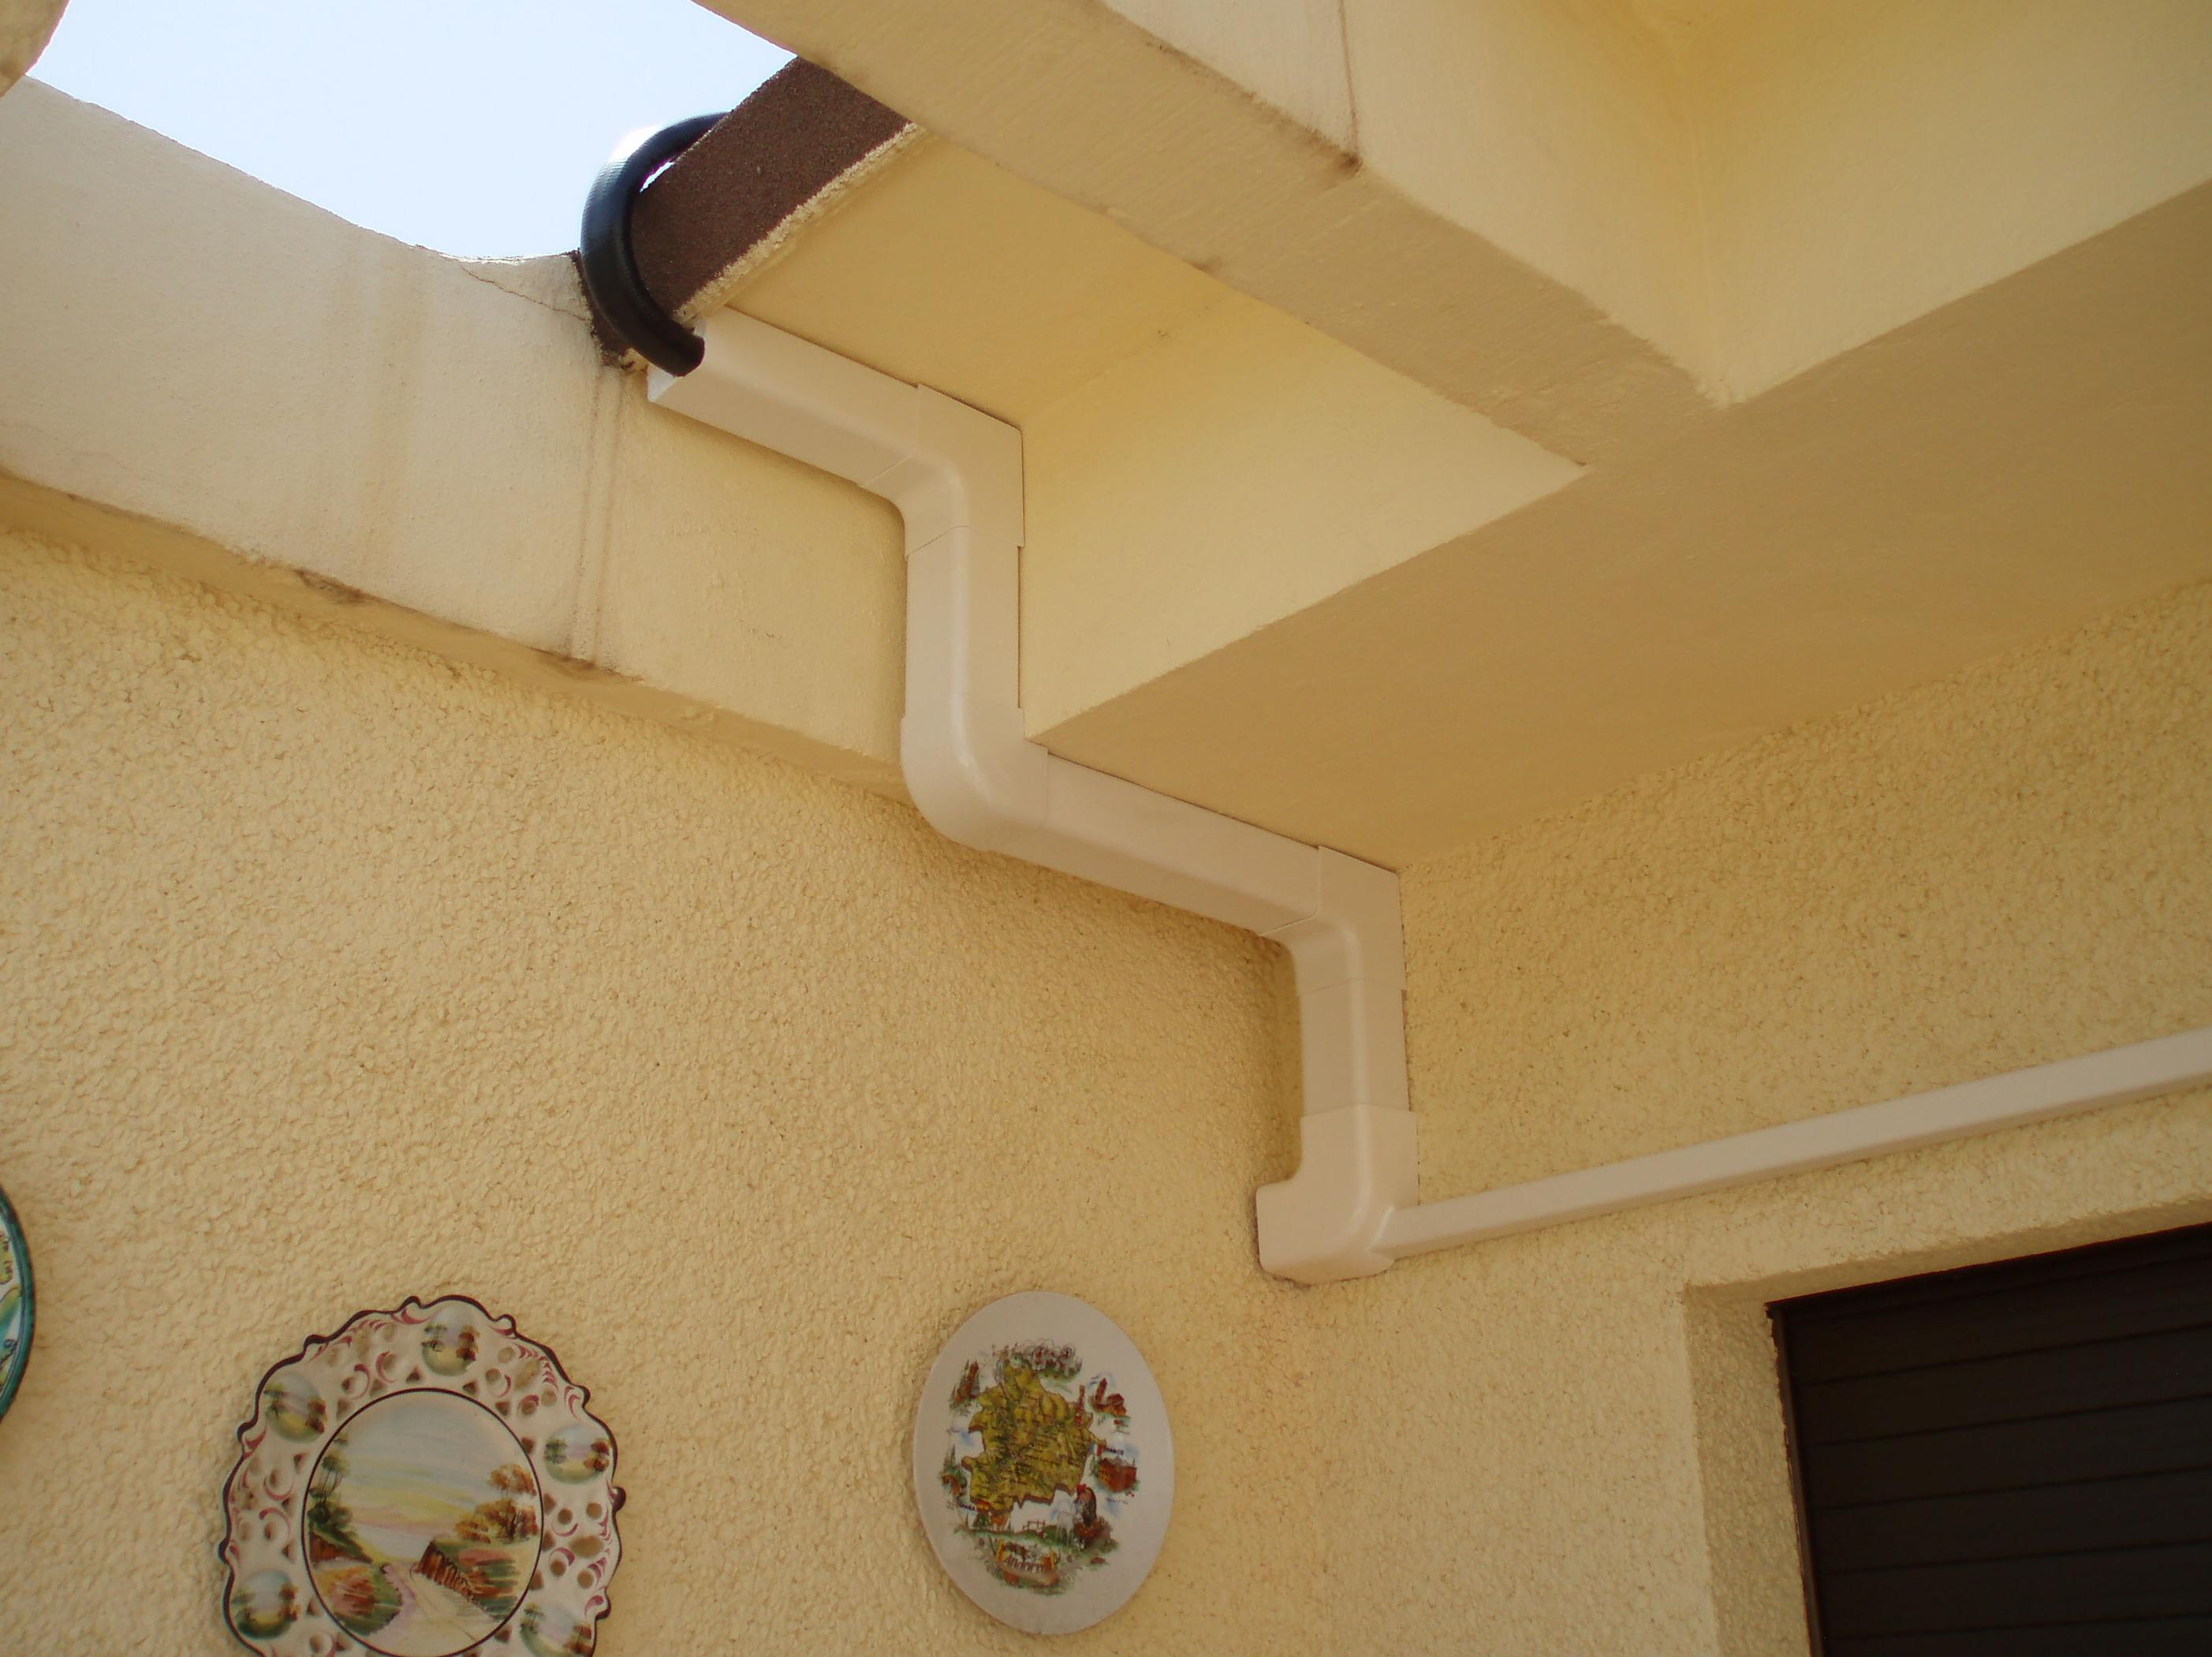 Canalización de conductos de aire acondicionado